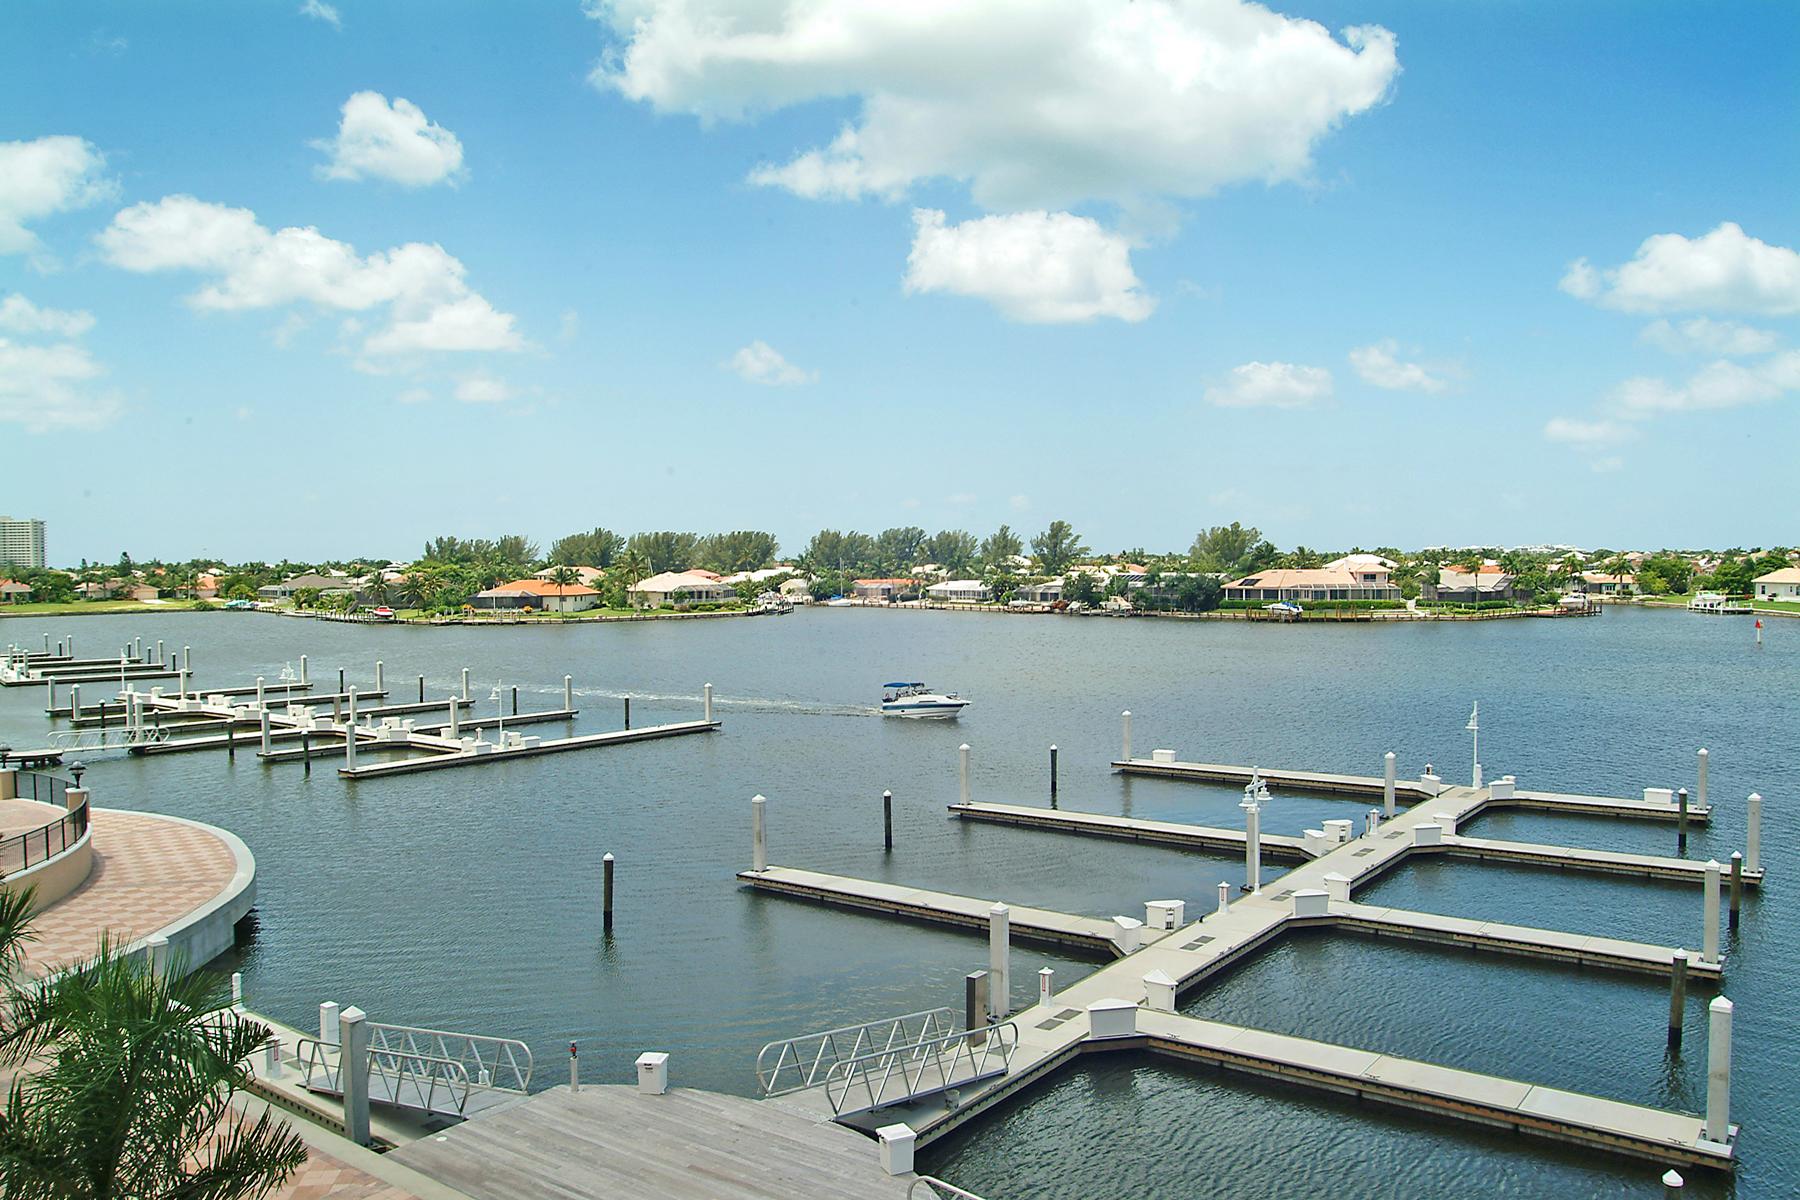 その他の住居 のために 売買 アット ESPLANADE BOAT SLIP 750 Collier Blvd Marco Island, フロリダ, 34145 アメリカ合衆国